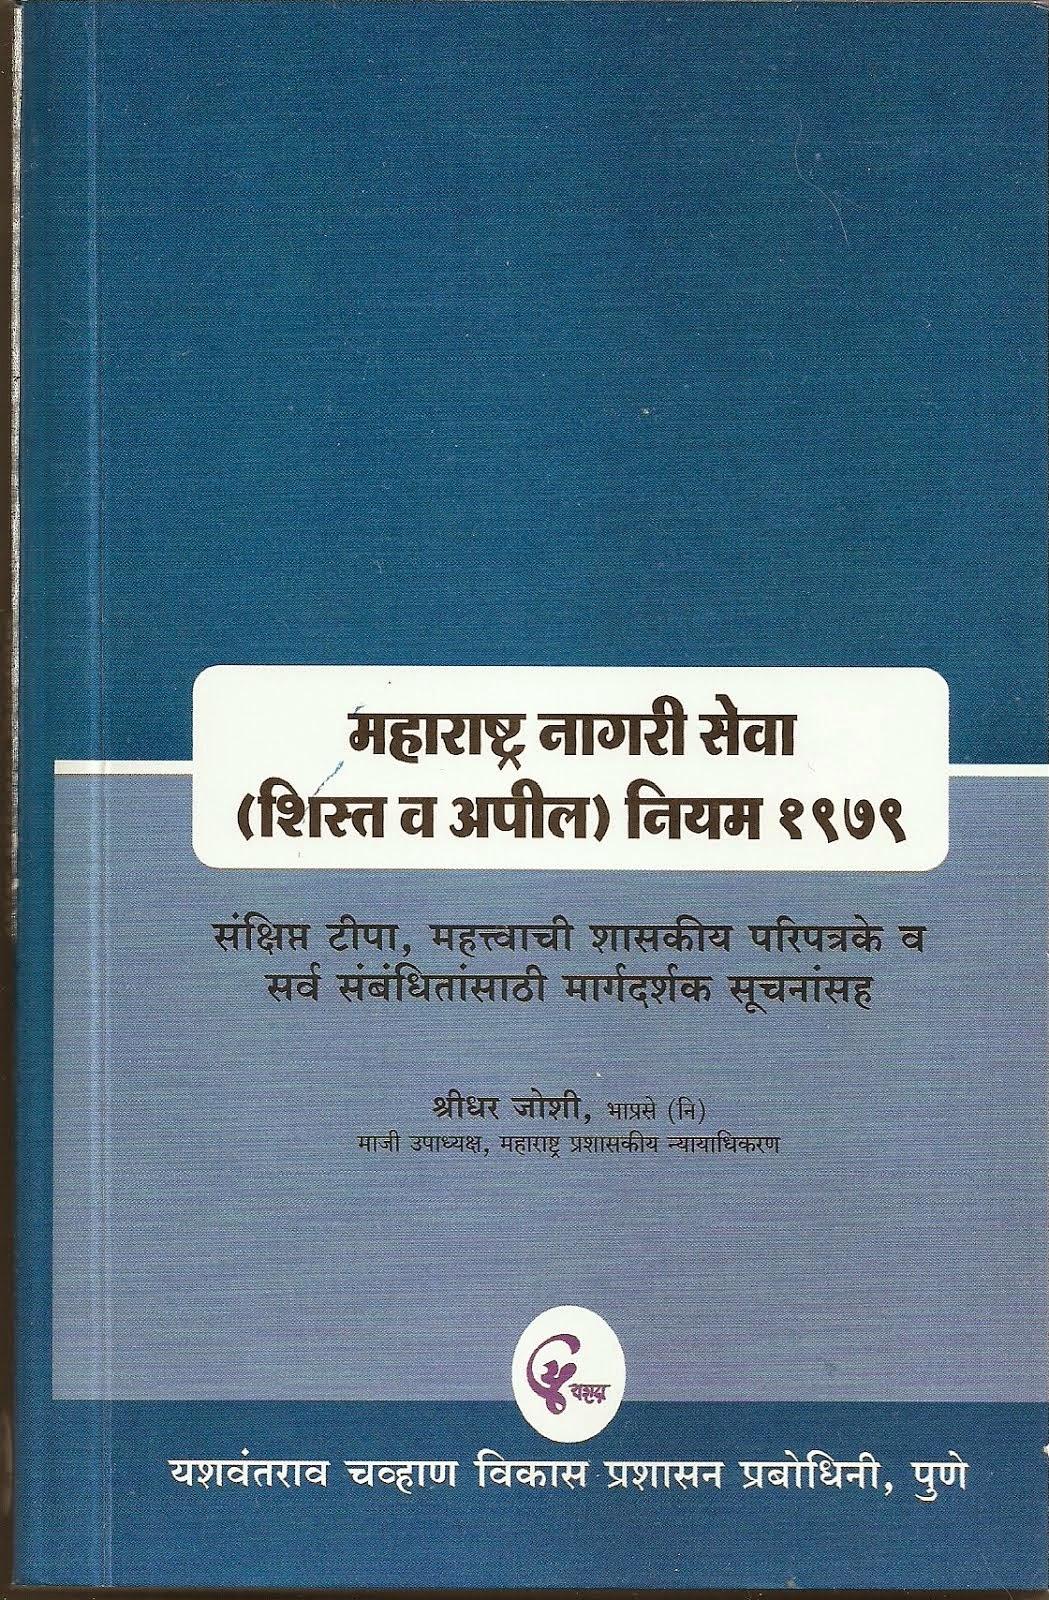 महाराष्ट्र नागरी सेवा (शिस्त व अपील) नियम-   १९७९-तृतीय आवृत्ती